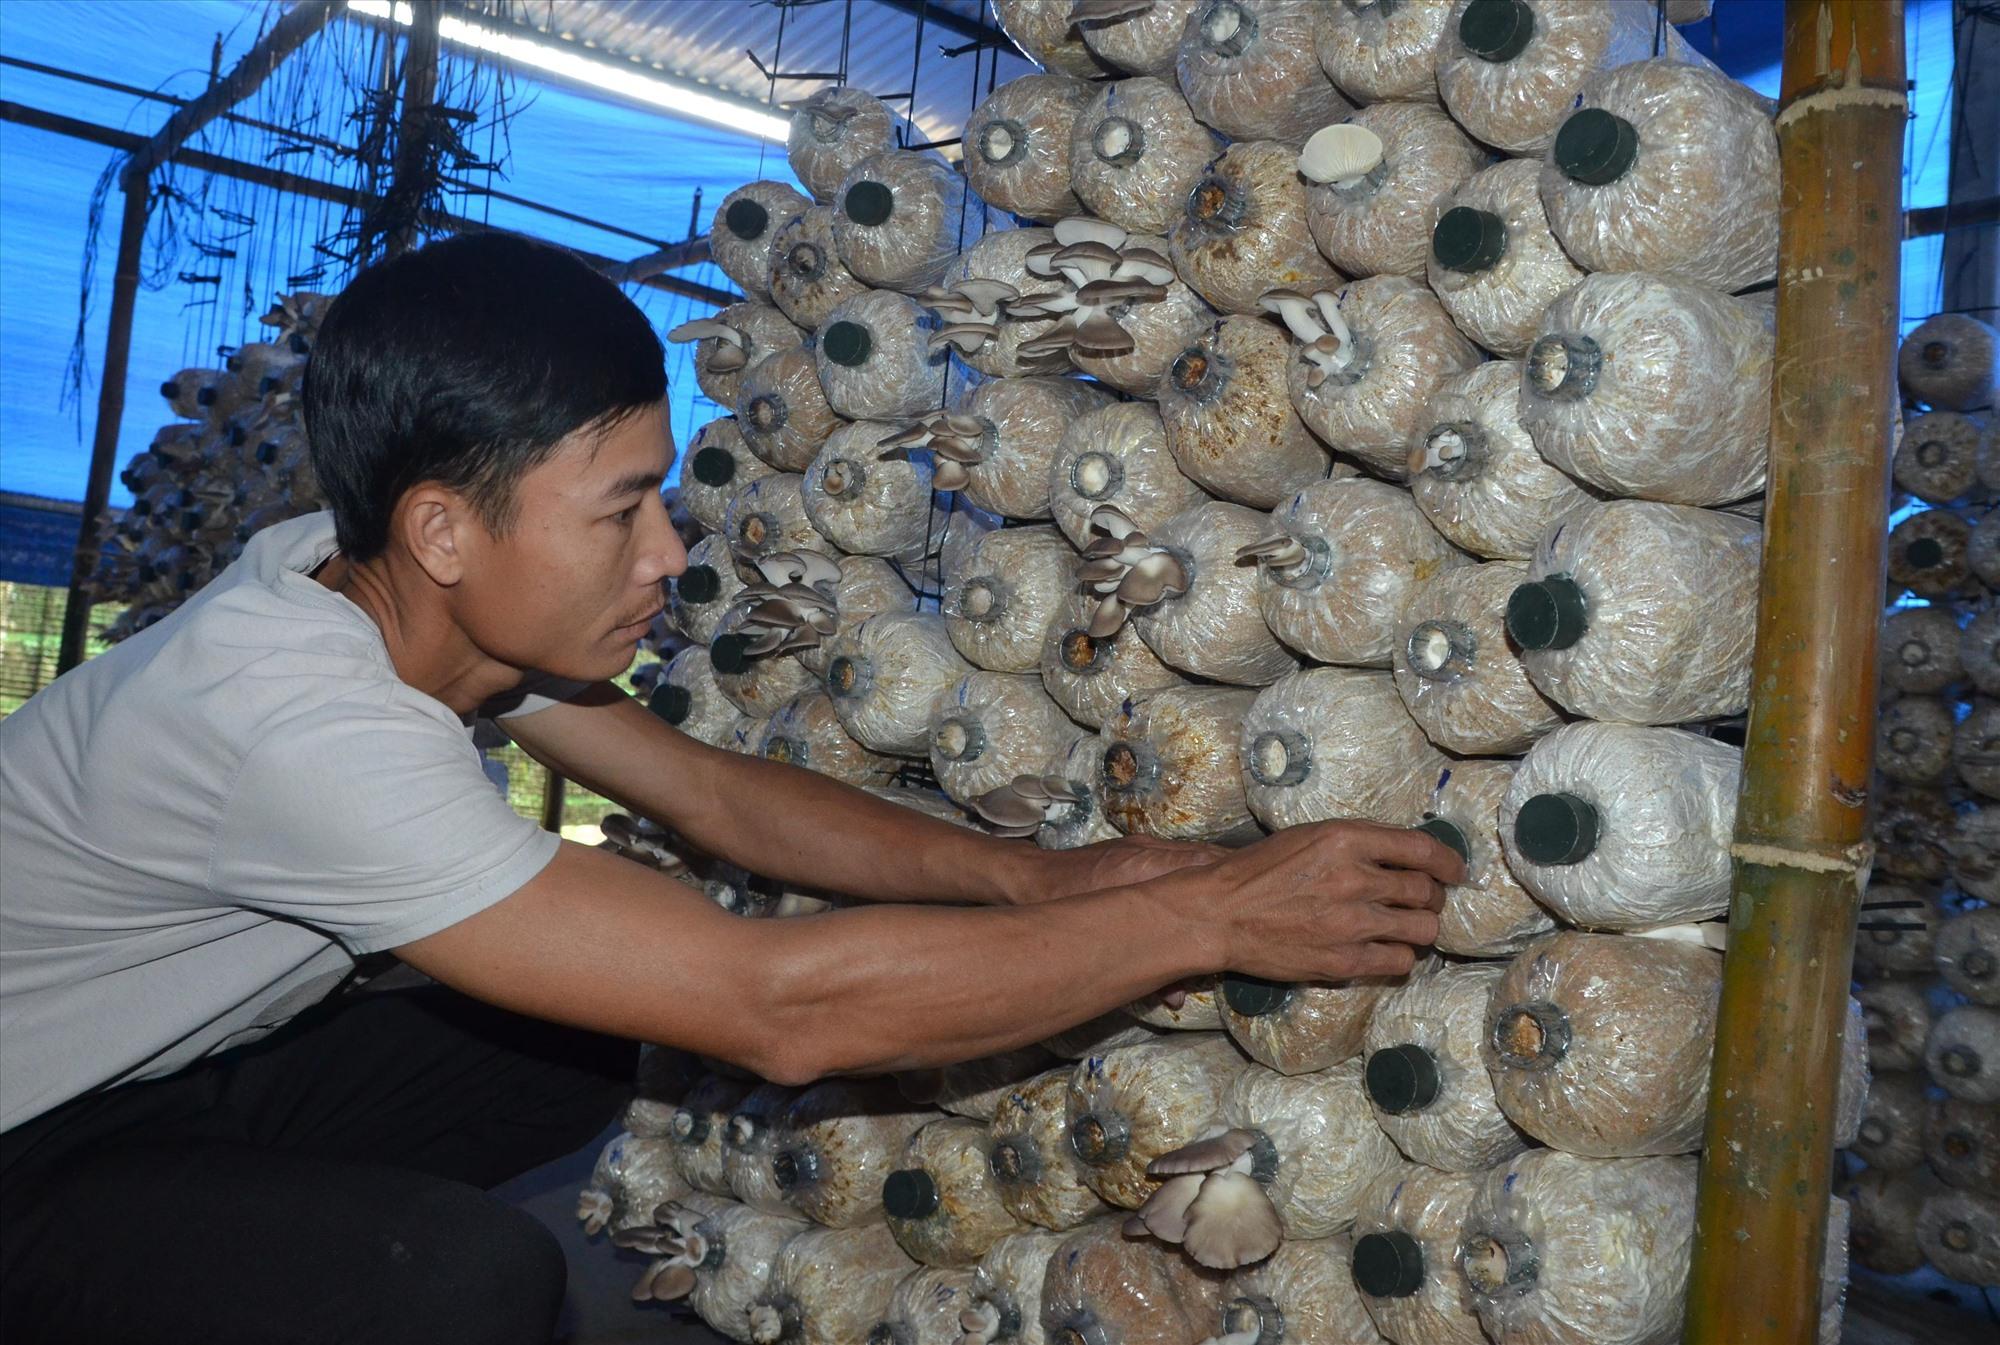 Mô hình trồng nấm bào ngư xám của anh Nguyễn Văn Hòa (thôn 2, xã Tiên Hiệp, Tiên Phước). Ảnh: H.H